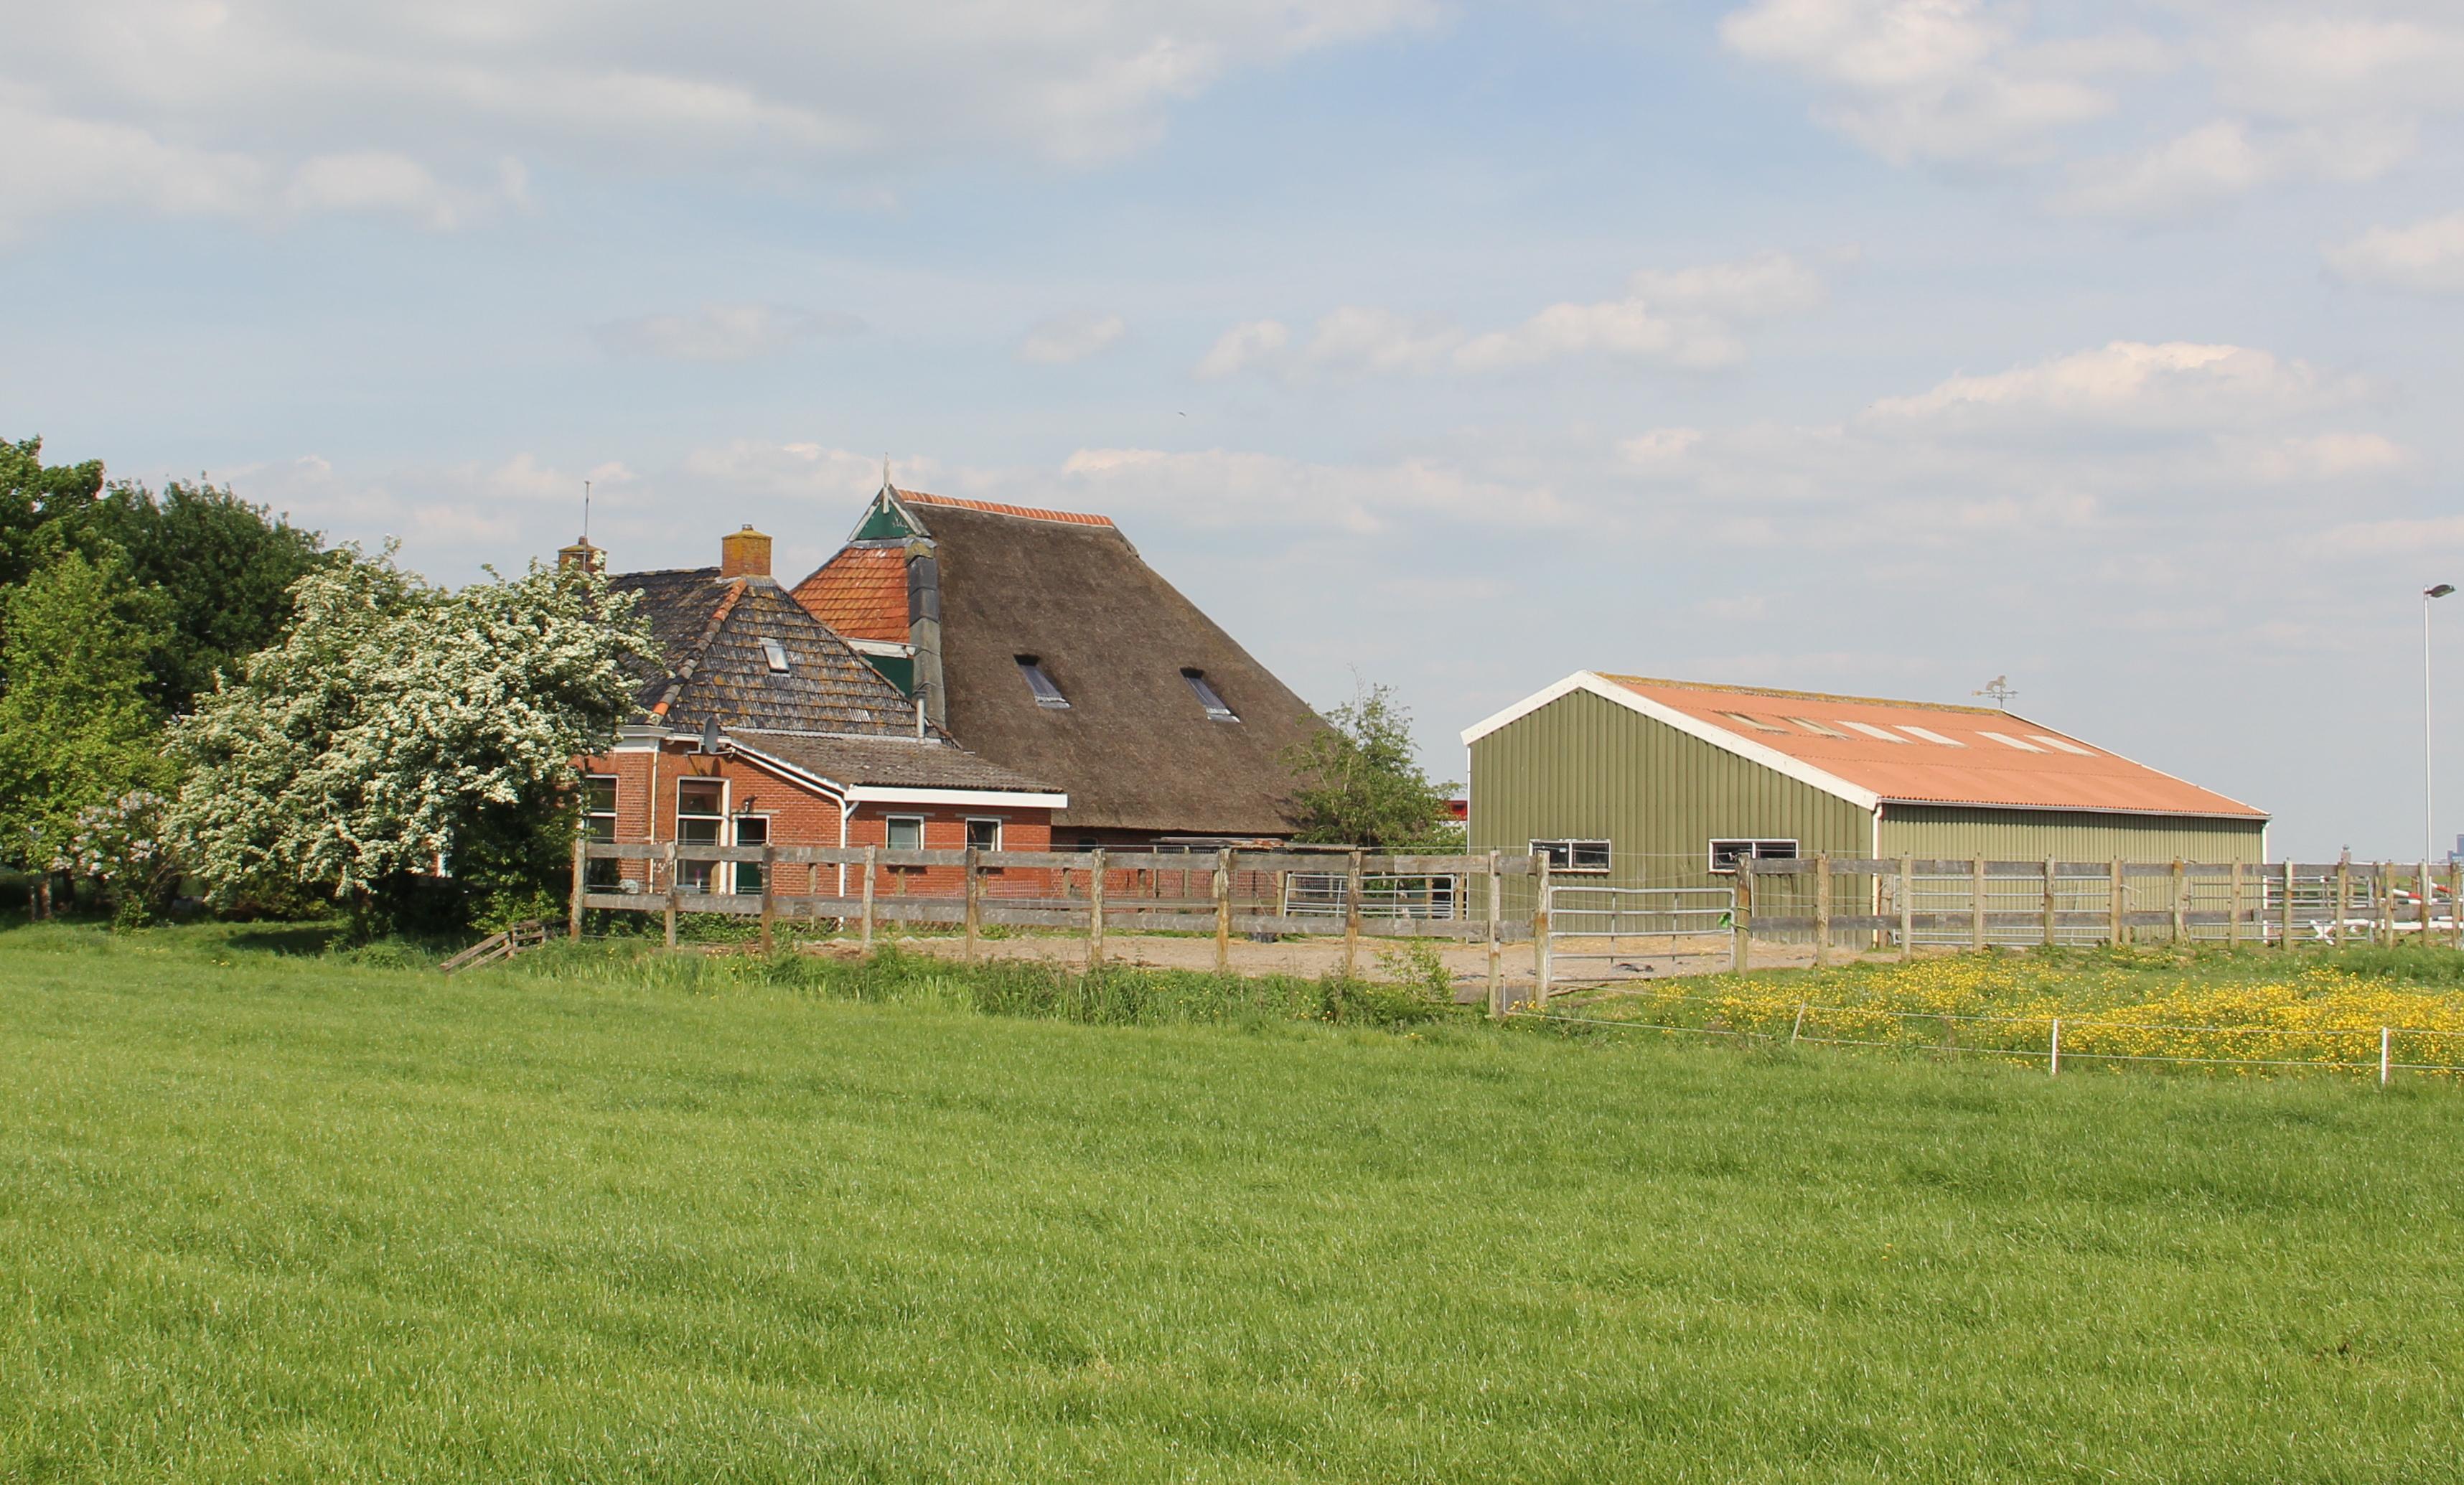 brandsma agrarisch vastgoed